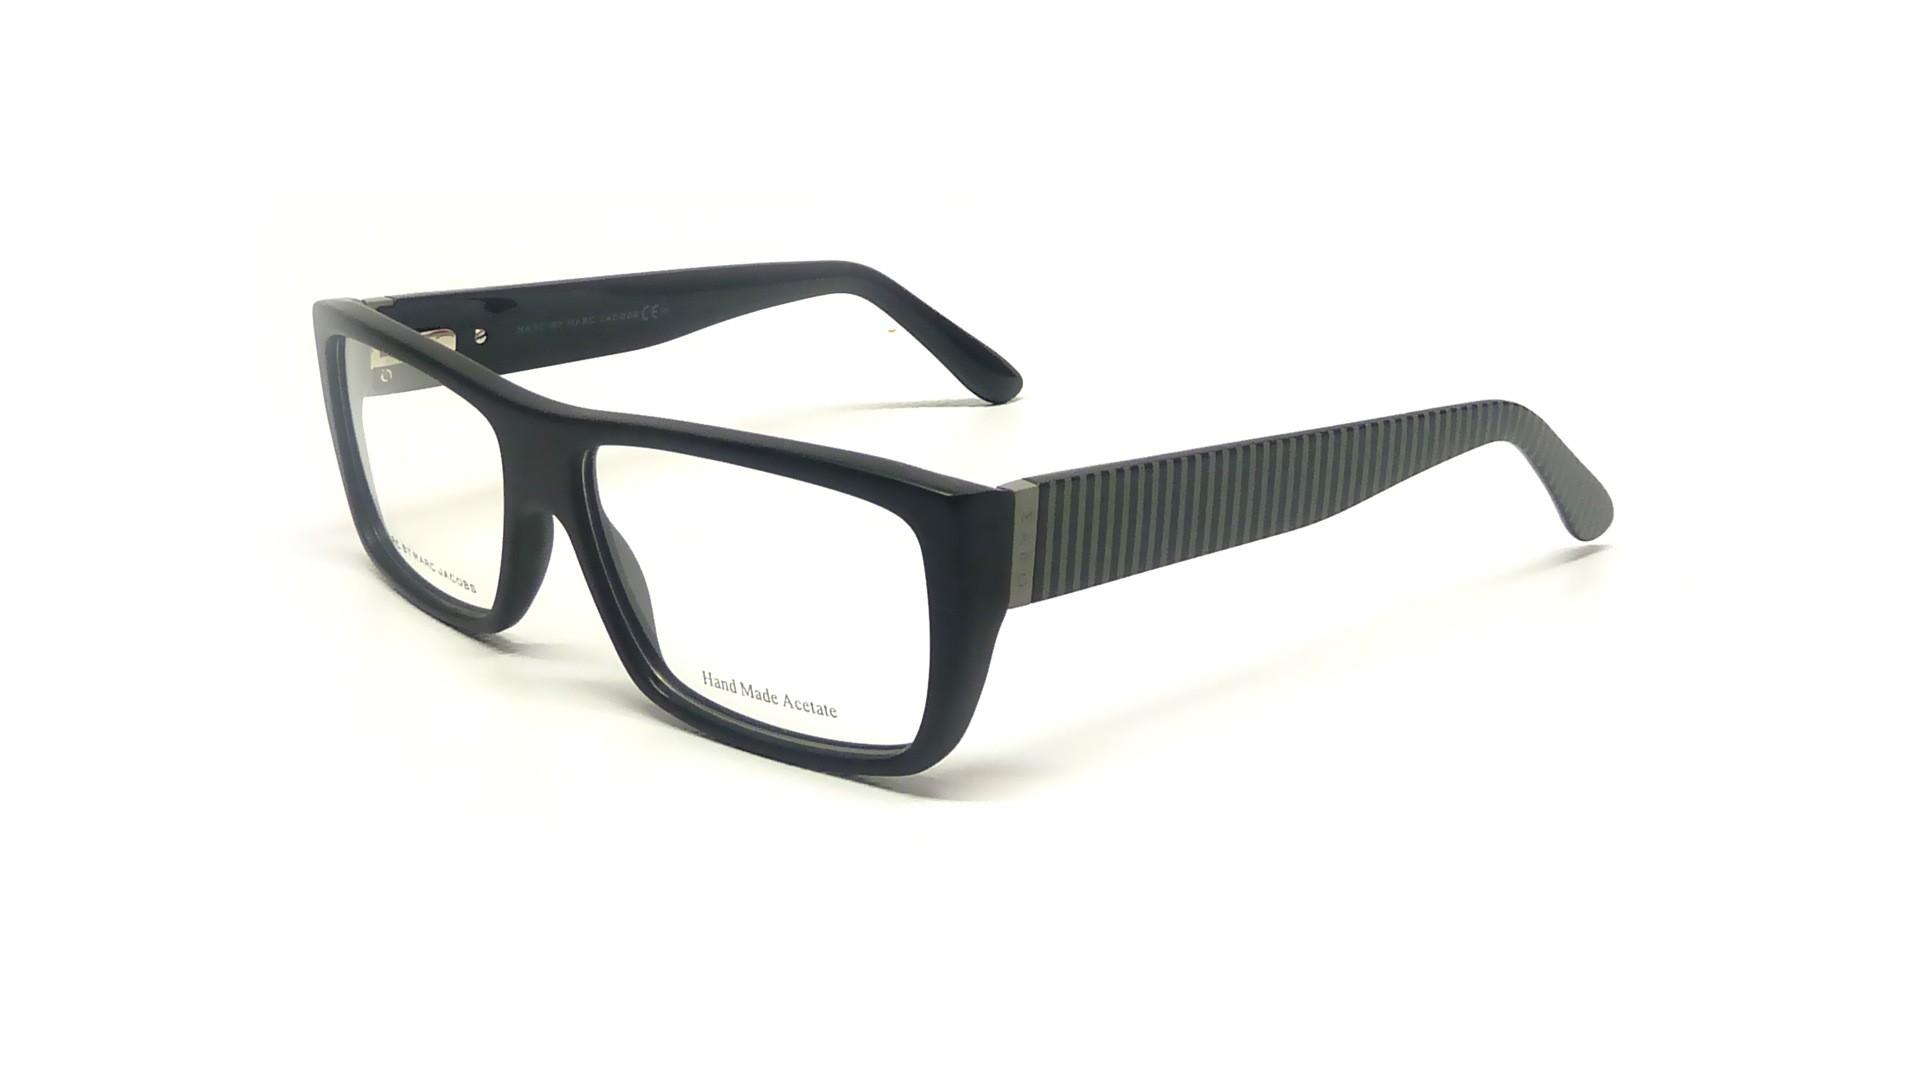 lunettes homme marc jacobs,lunettes de soleil homme marc jacobs mmj ... 3db03cb96c38